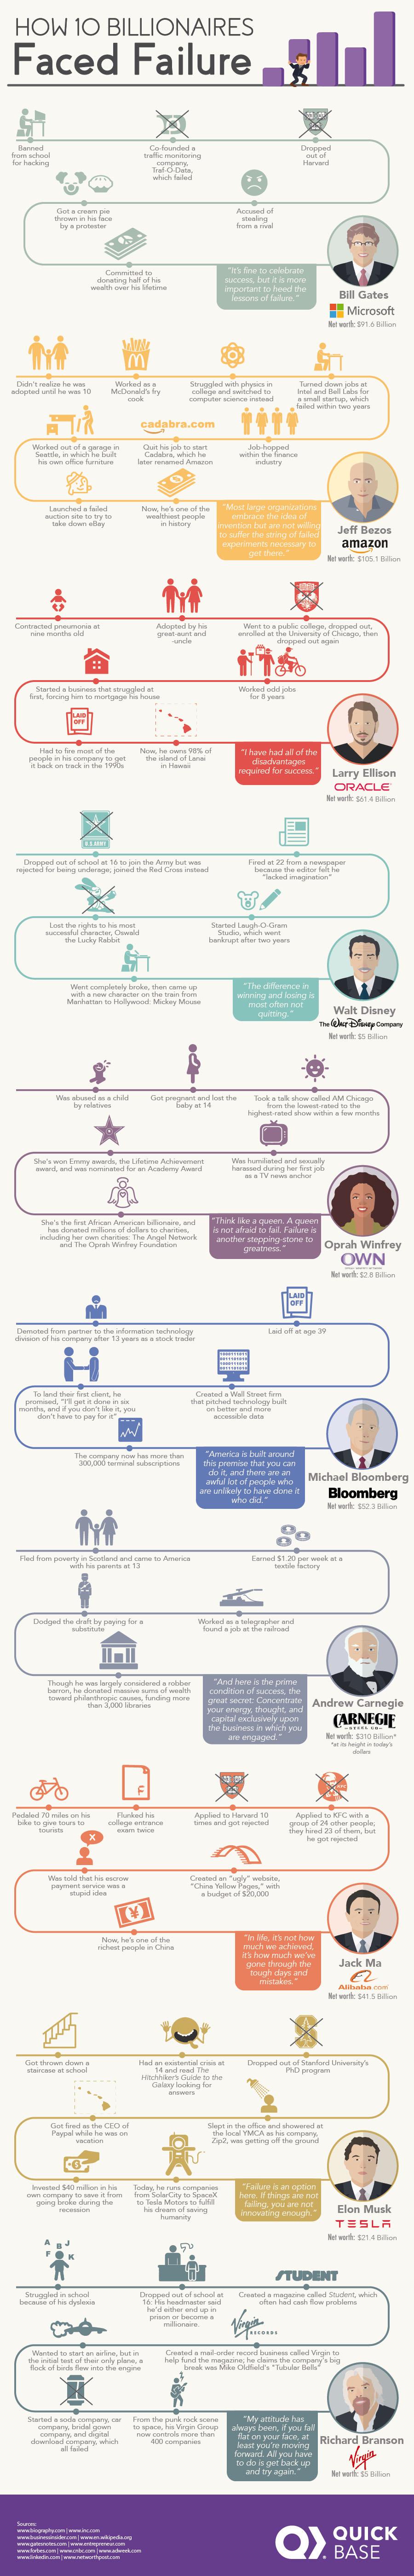 How 10 Billionaires Faced Failure